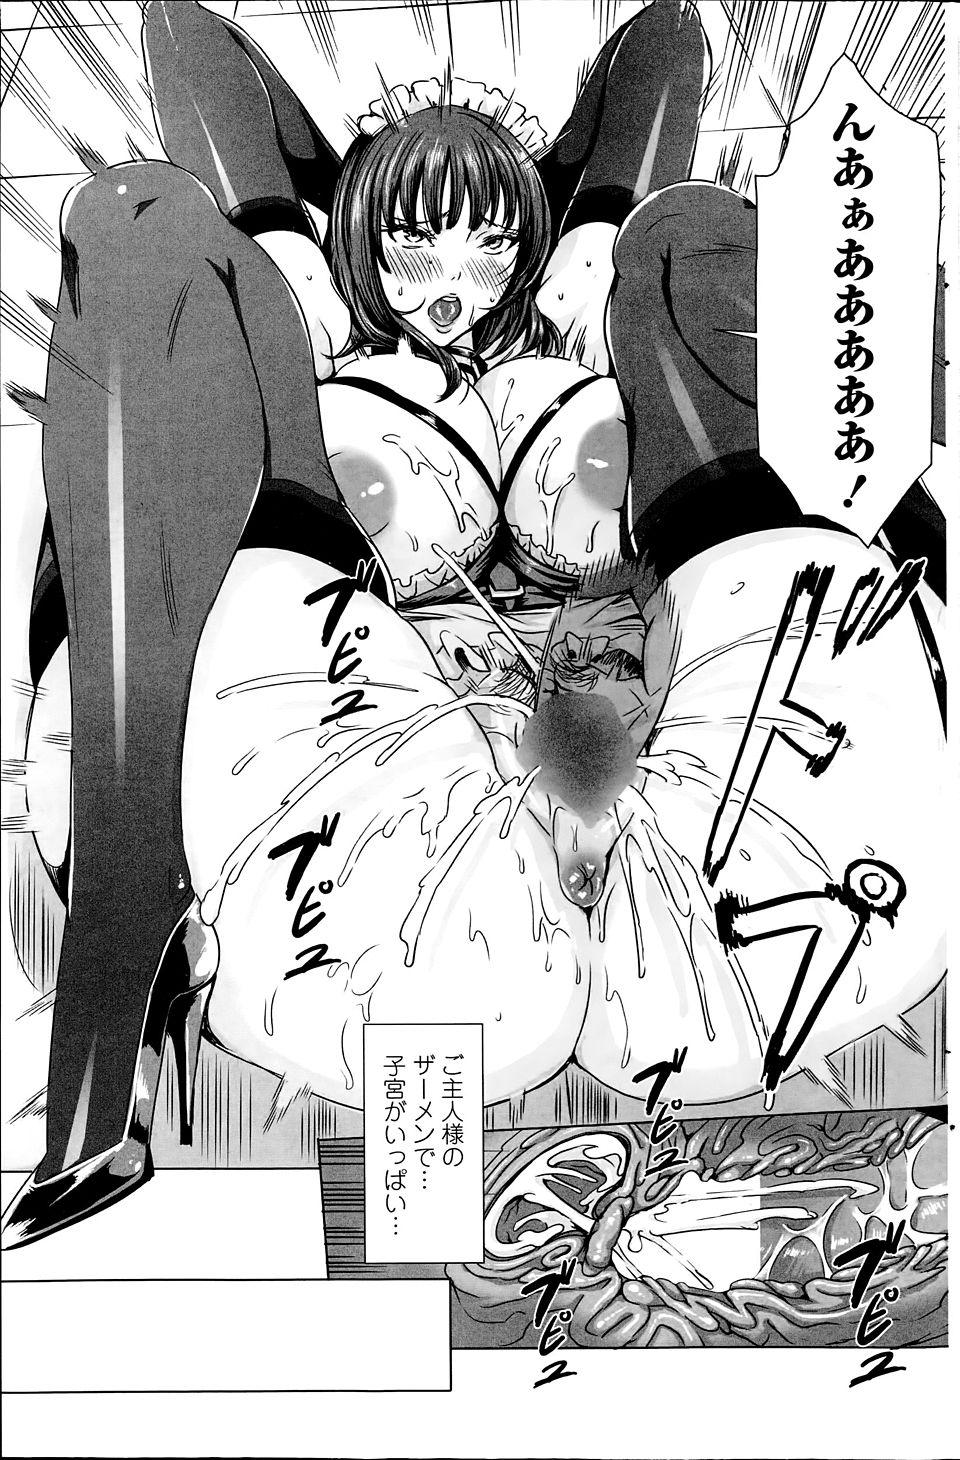 【エロ漫画・エロ同人誌】巨乳メイドがエッチな恰好してご主人様に中出しされまくってるwセックス三昧でイカされまくりwww (15)